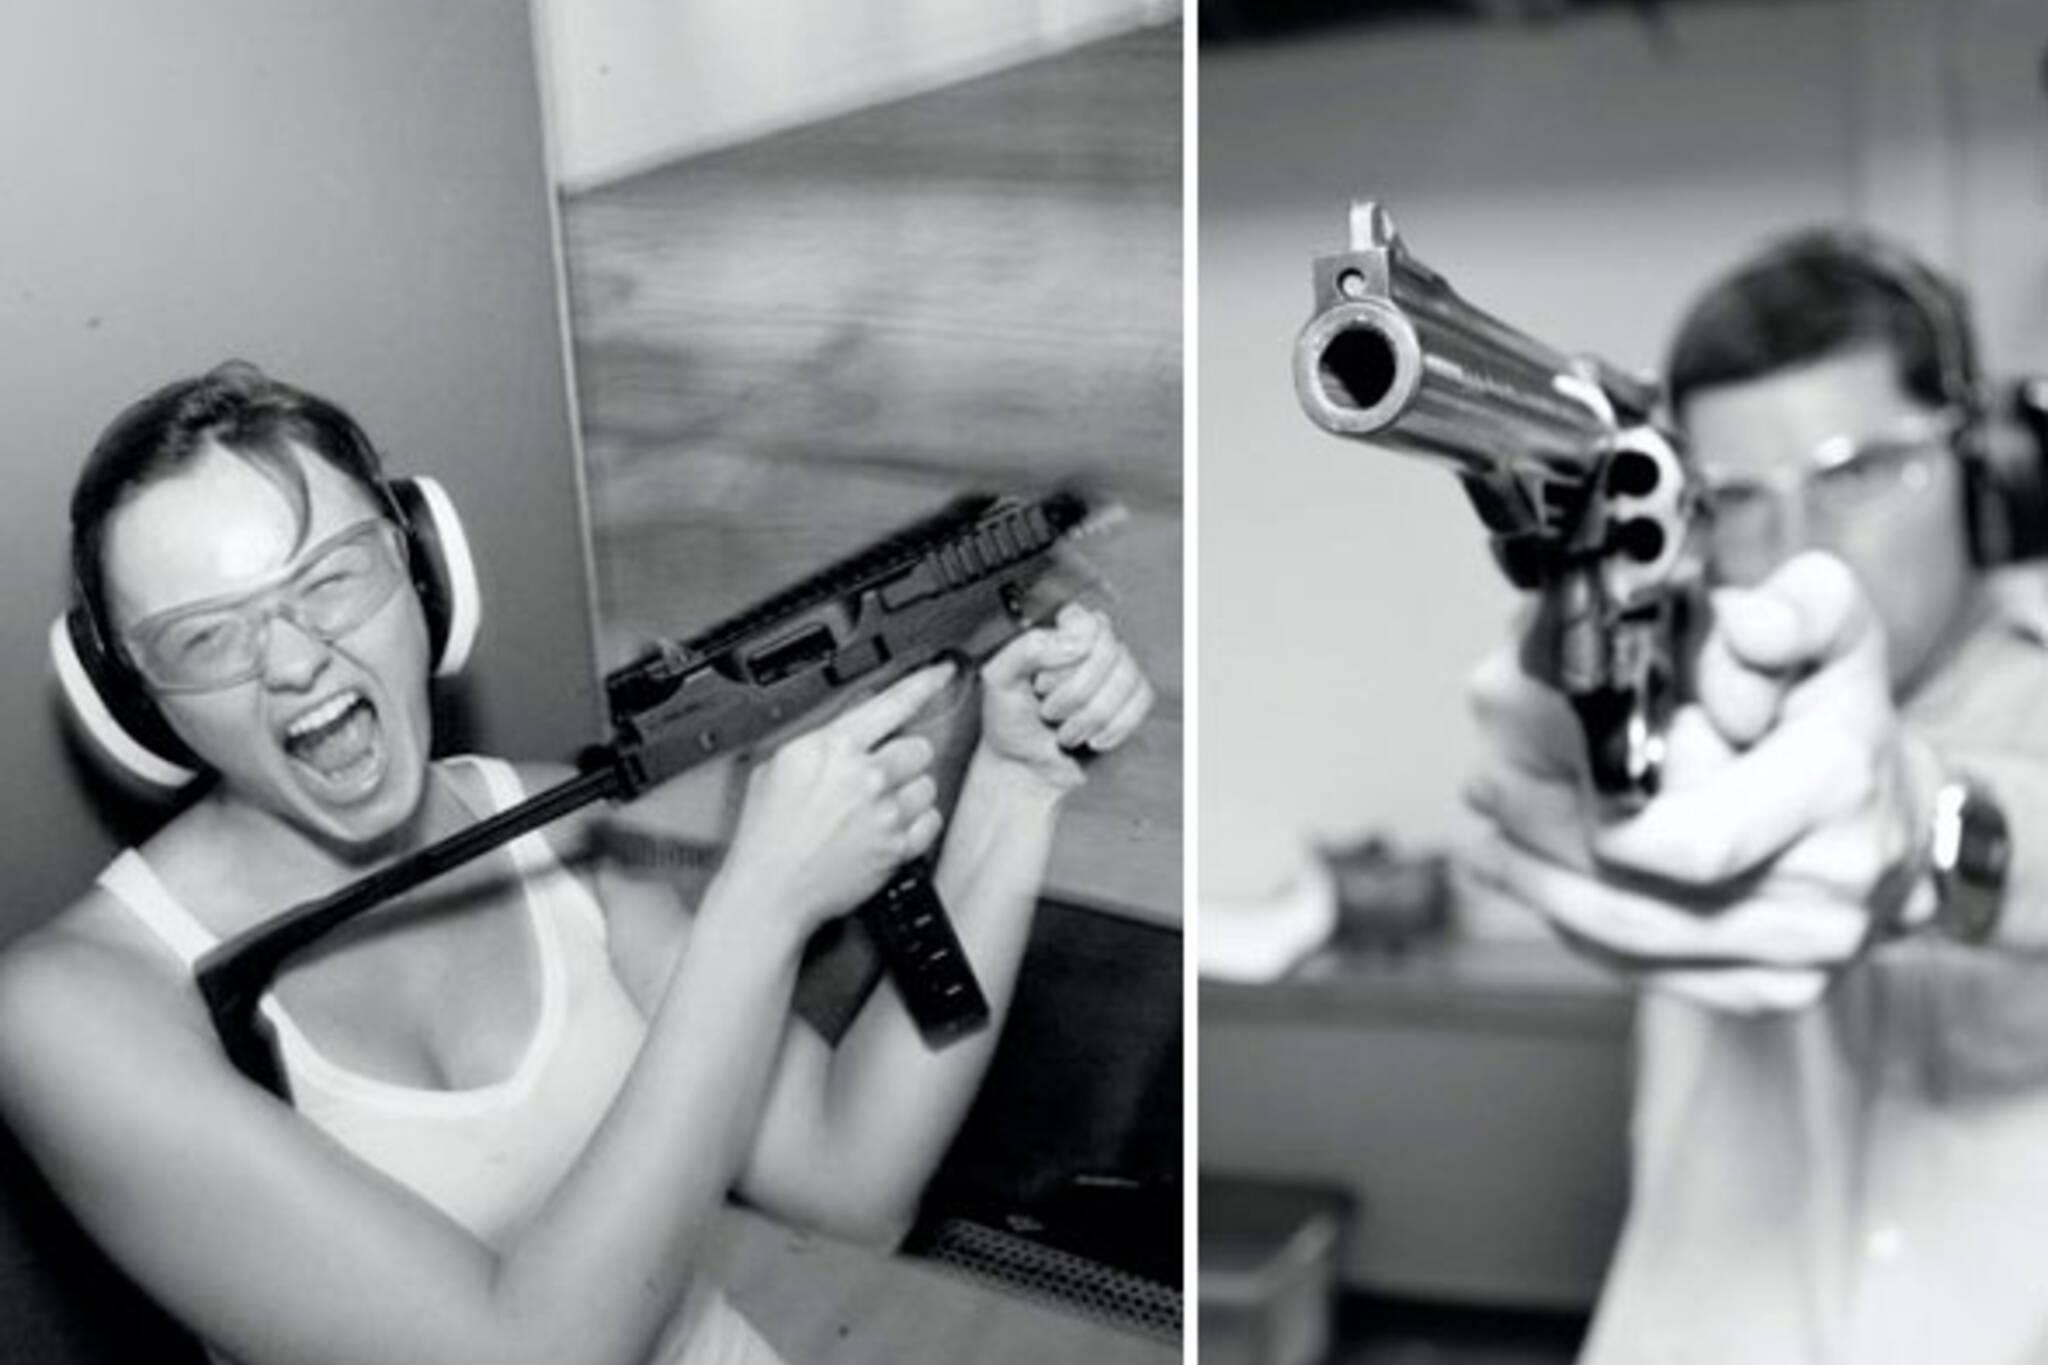 toronto shooting ranges guns